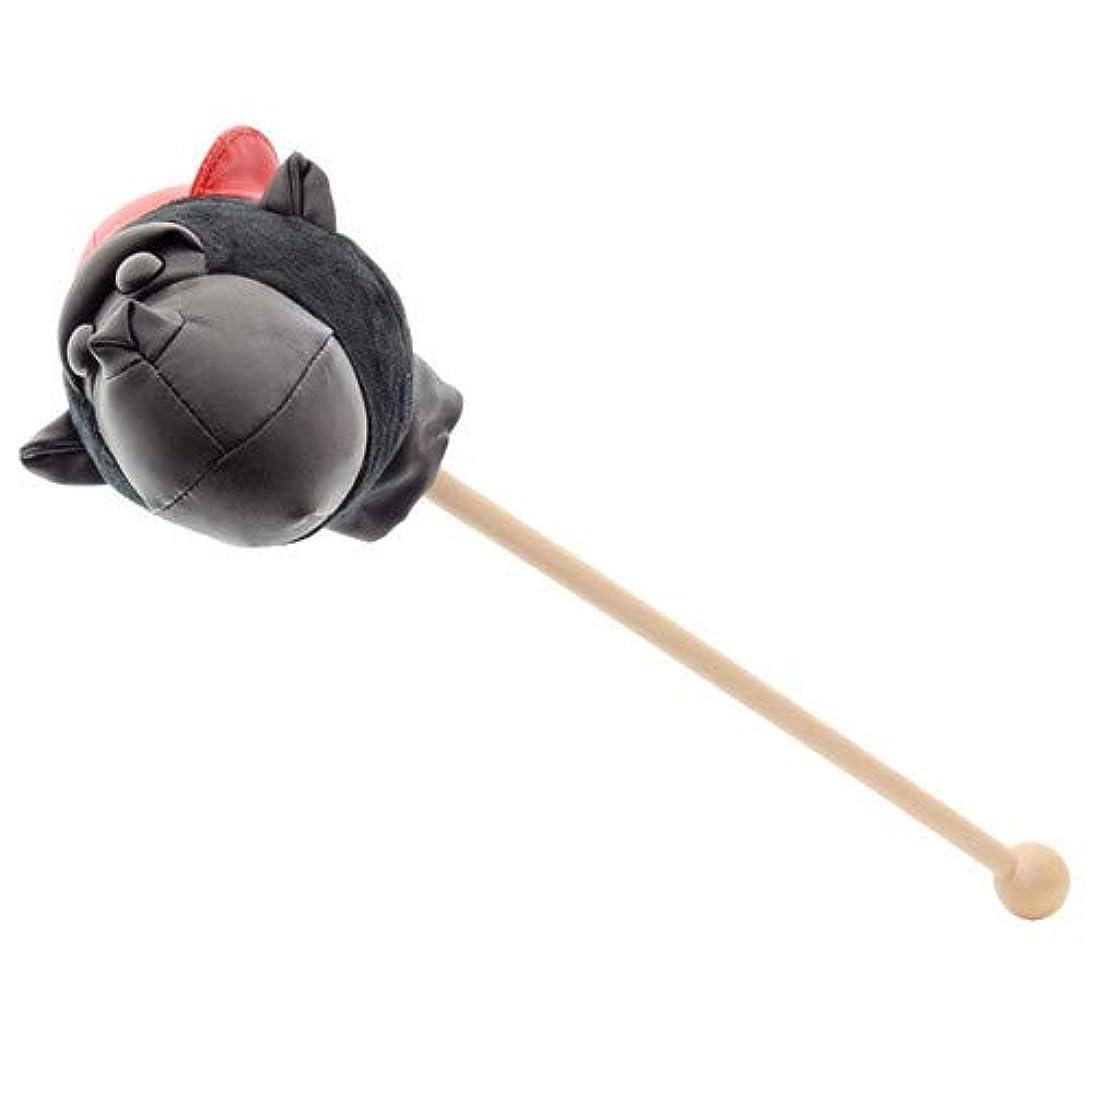 アナロジーたるみギャラントリーゴリラ 肩たたき棒 (ブラック)